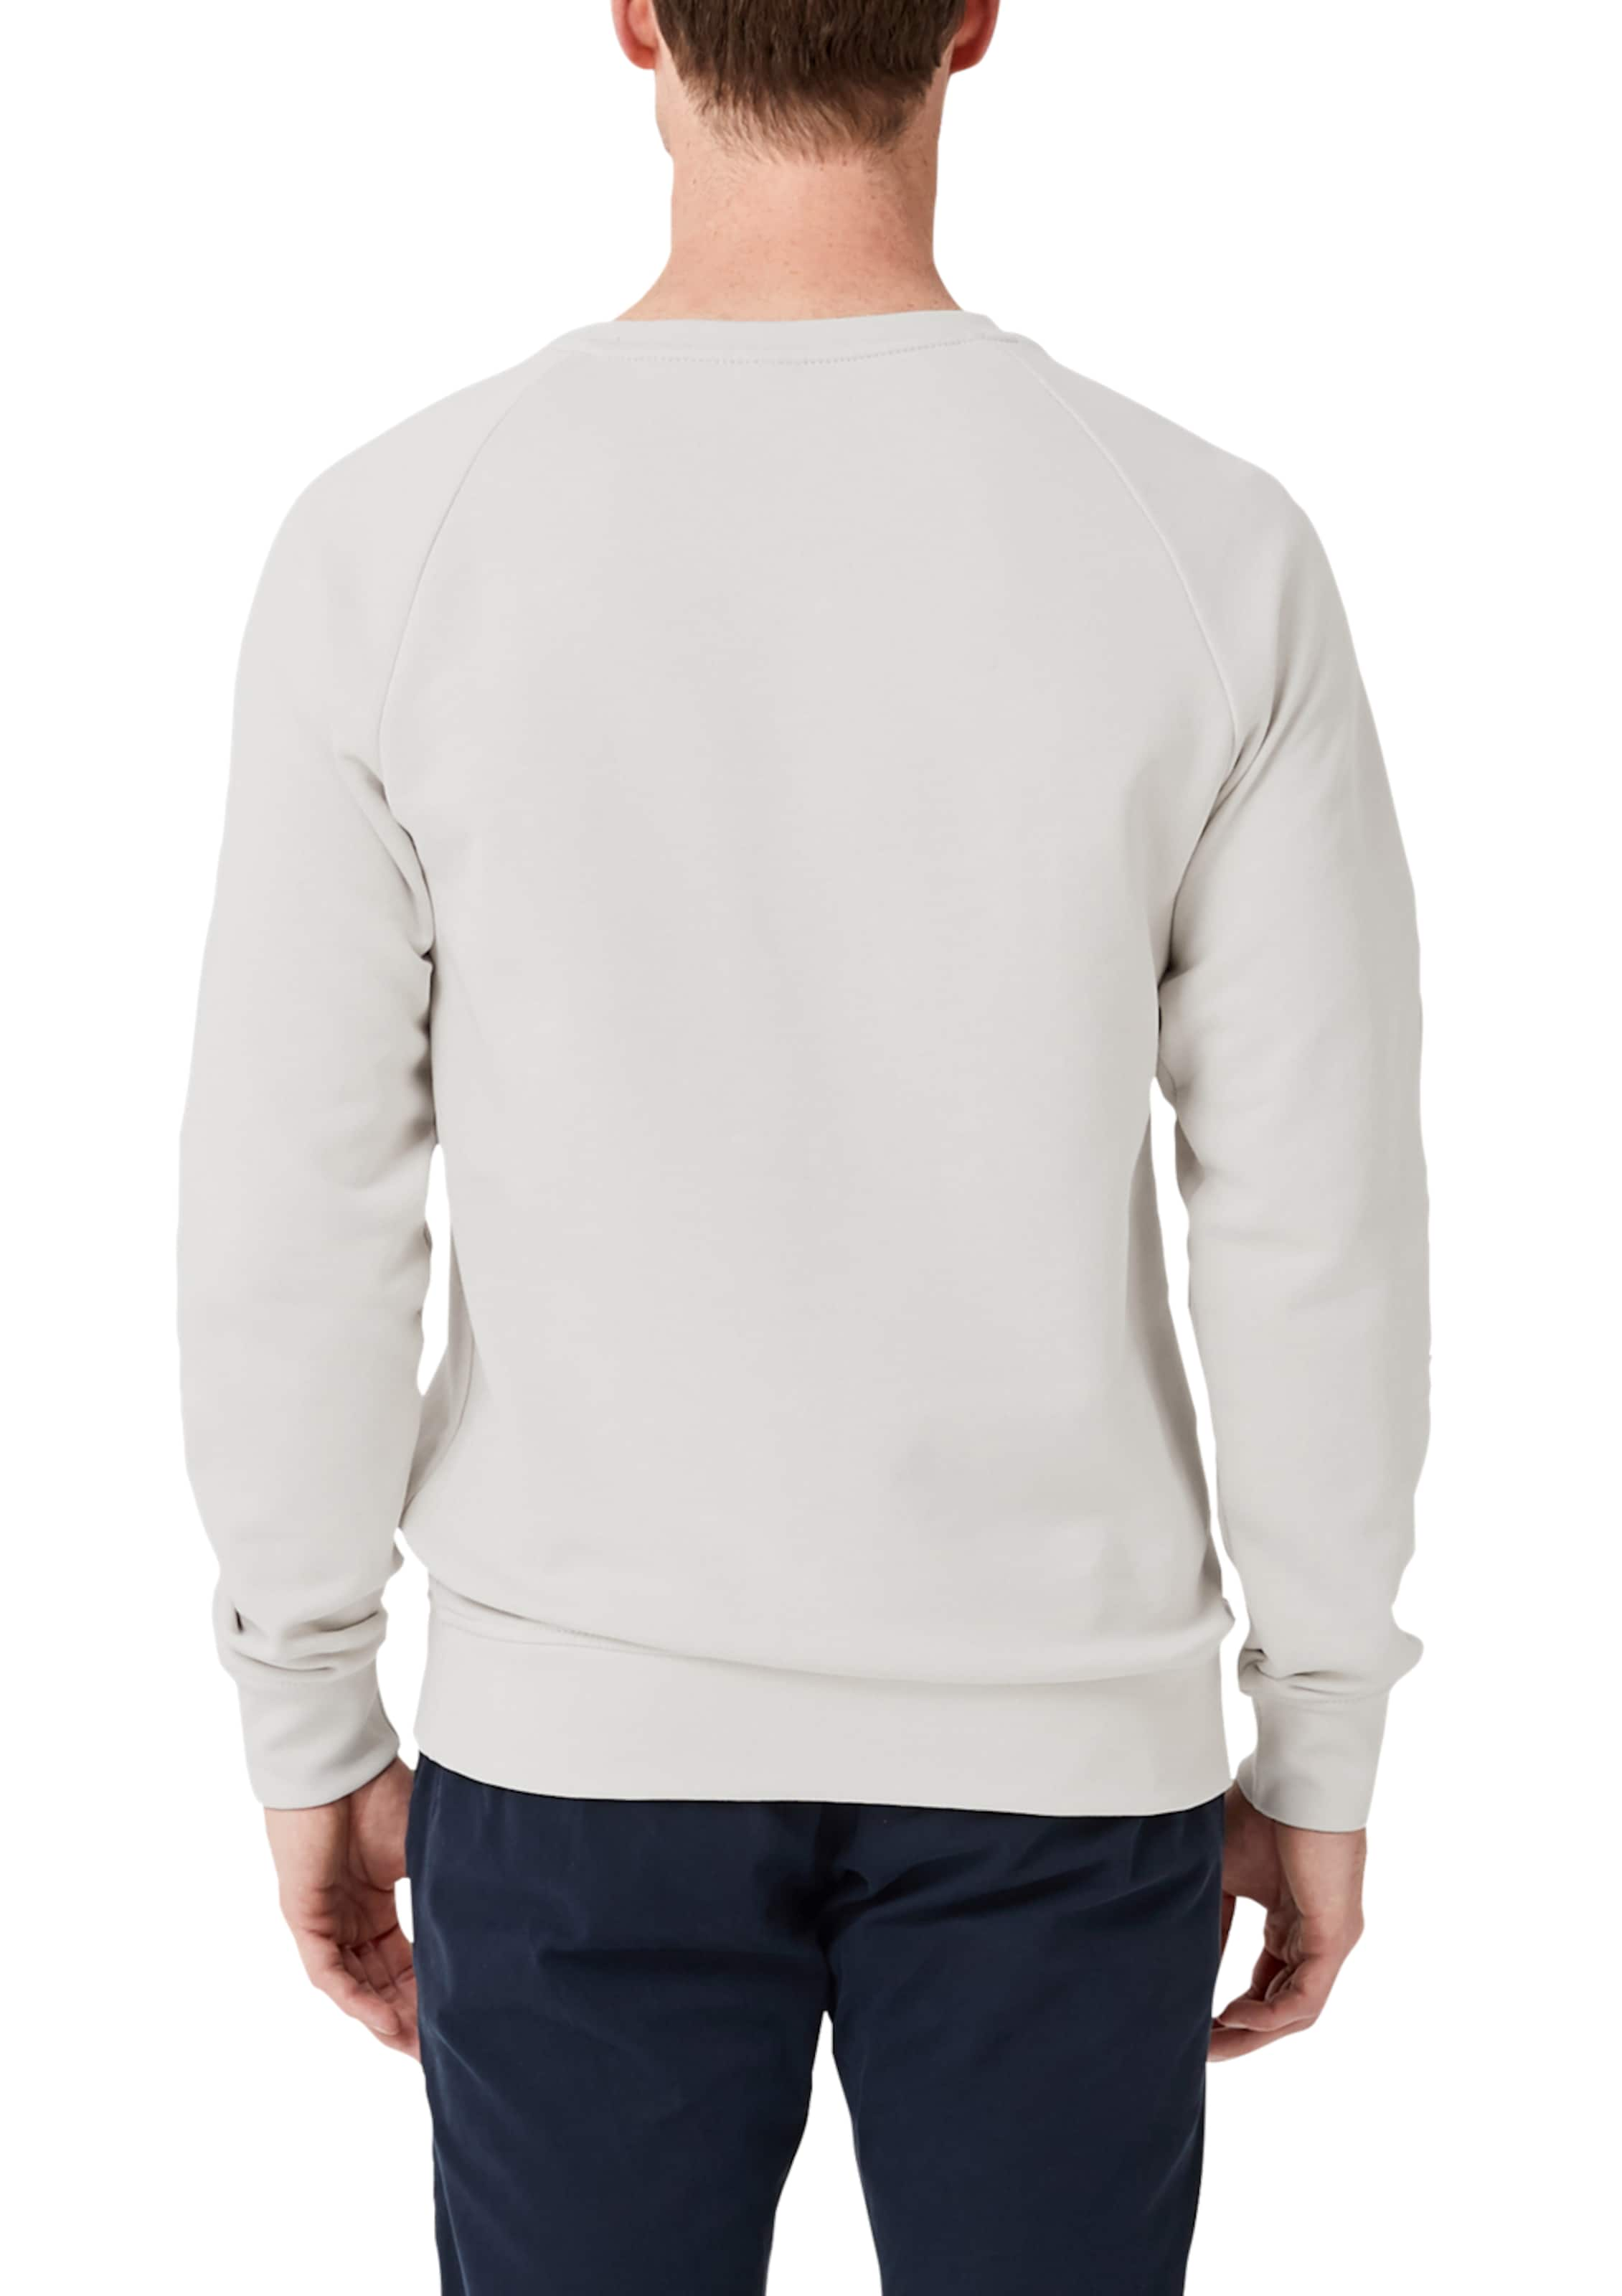 Sweatshirt Neck Label oliver Crew In Red Mit S Perlweiß f7gy6YvIb